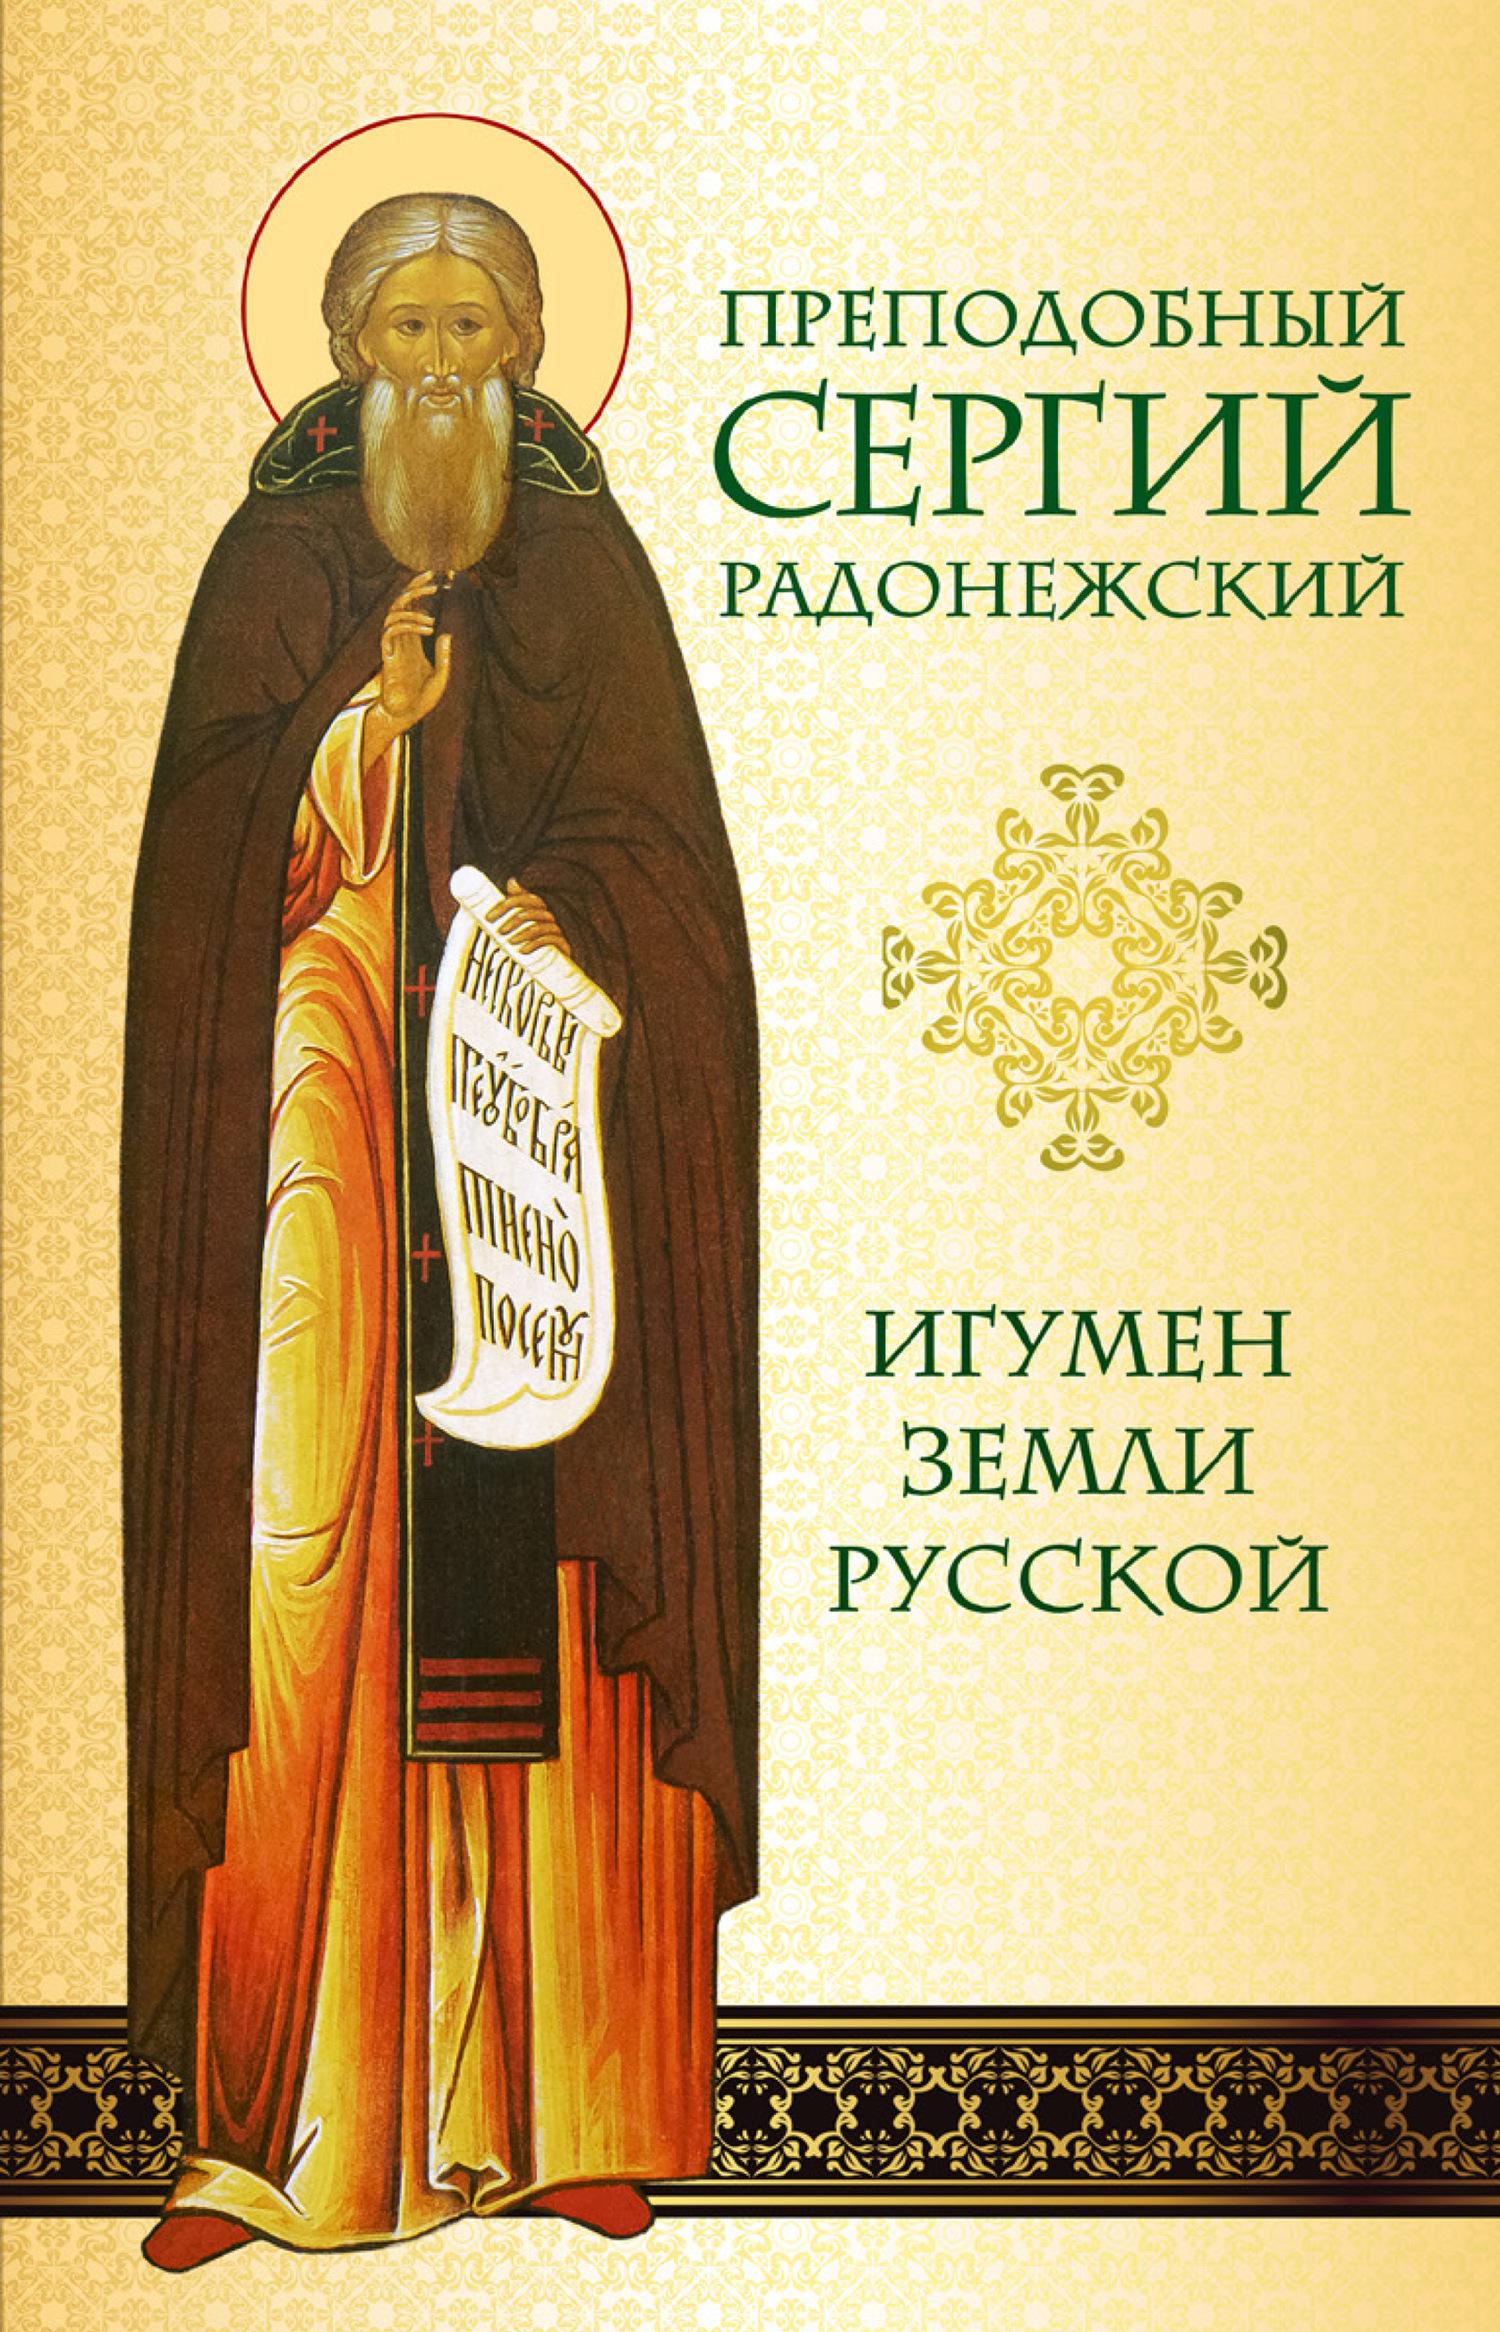 Скачать Преподобный Сергий Радонежский. Игумен земли Русской быстро